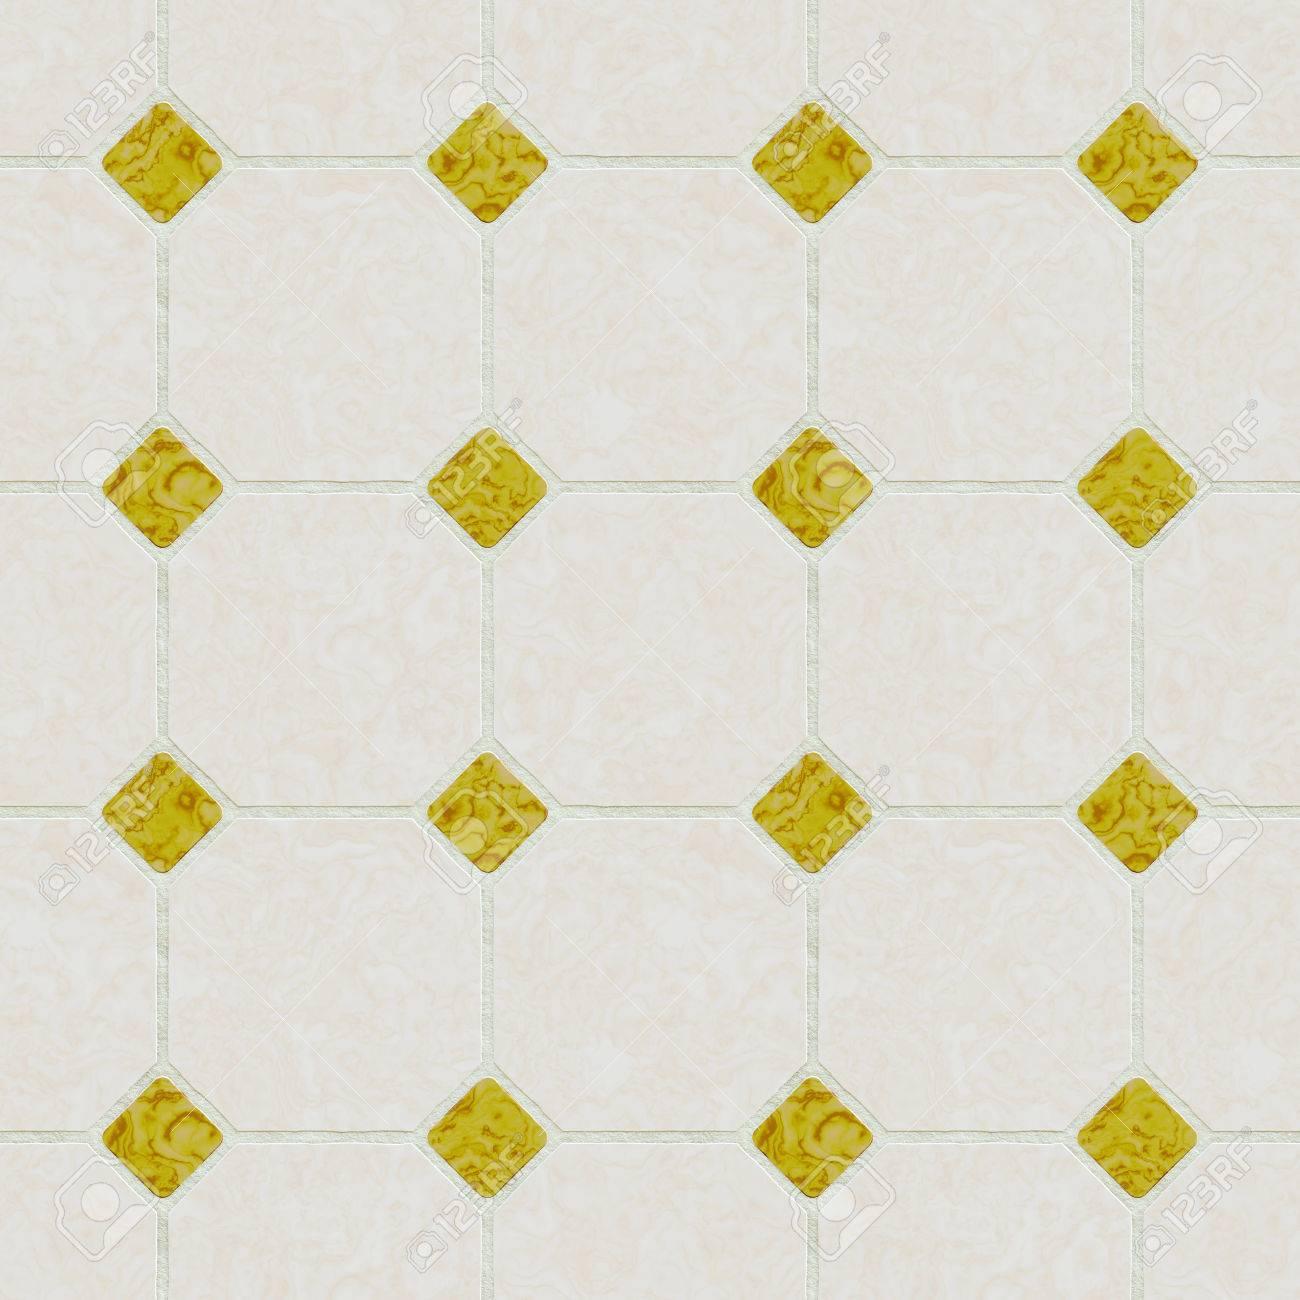 Klassische Fliese Nahtlose Mosaik Textur Mosaik Aus Weissen Und